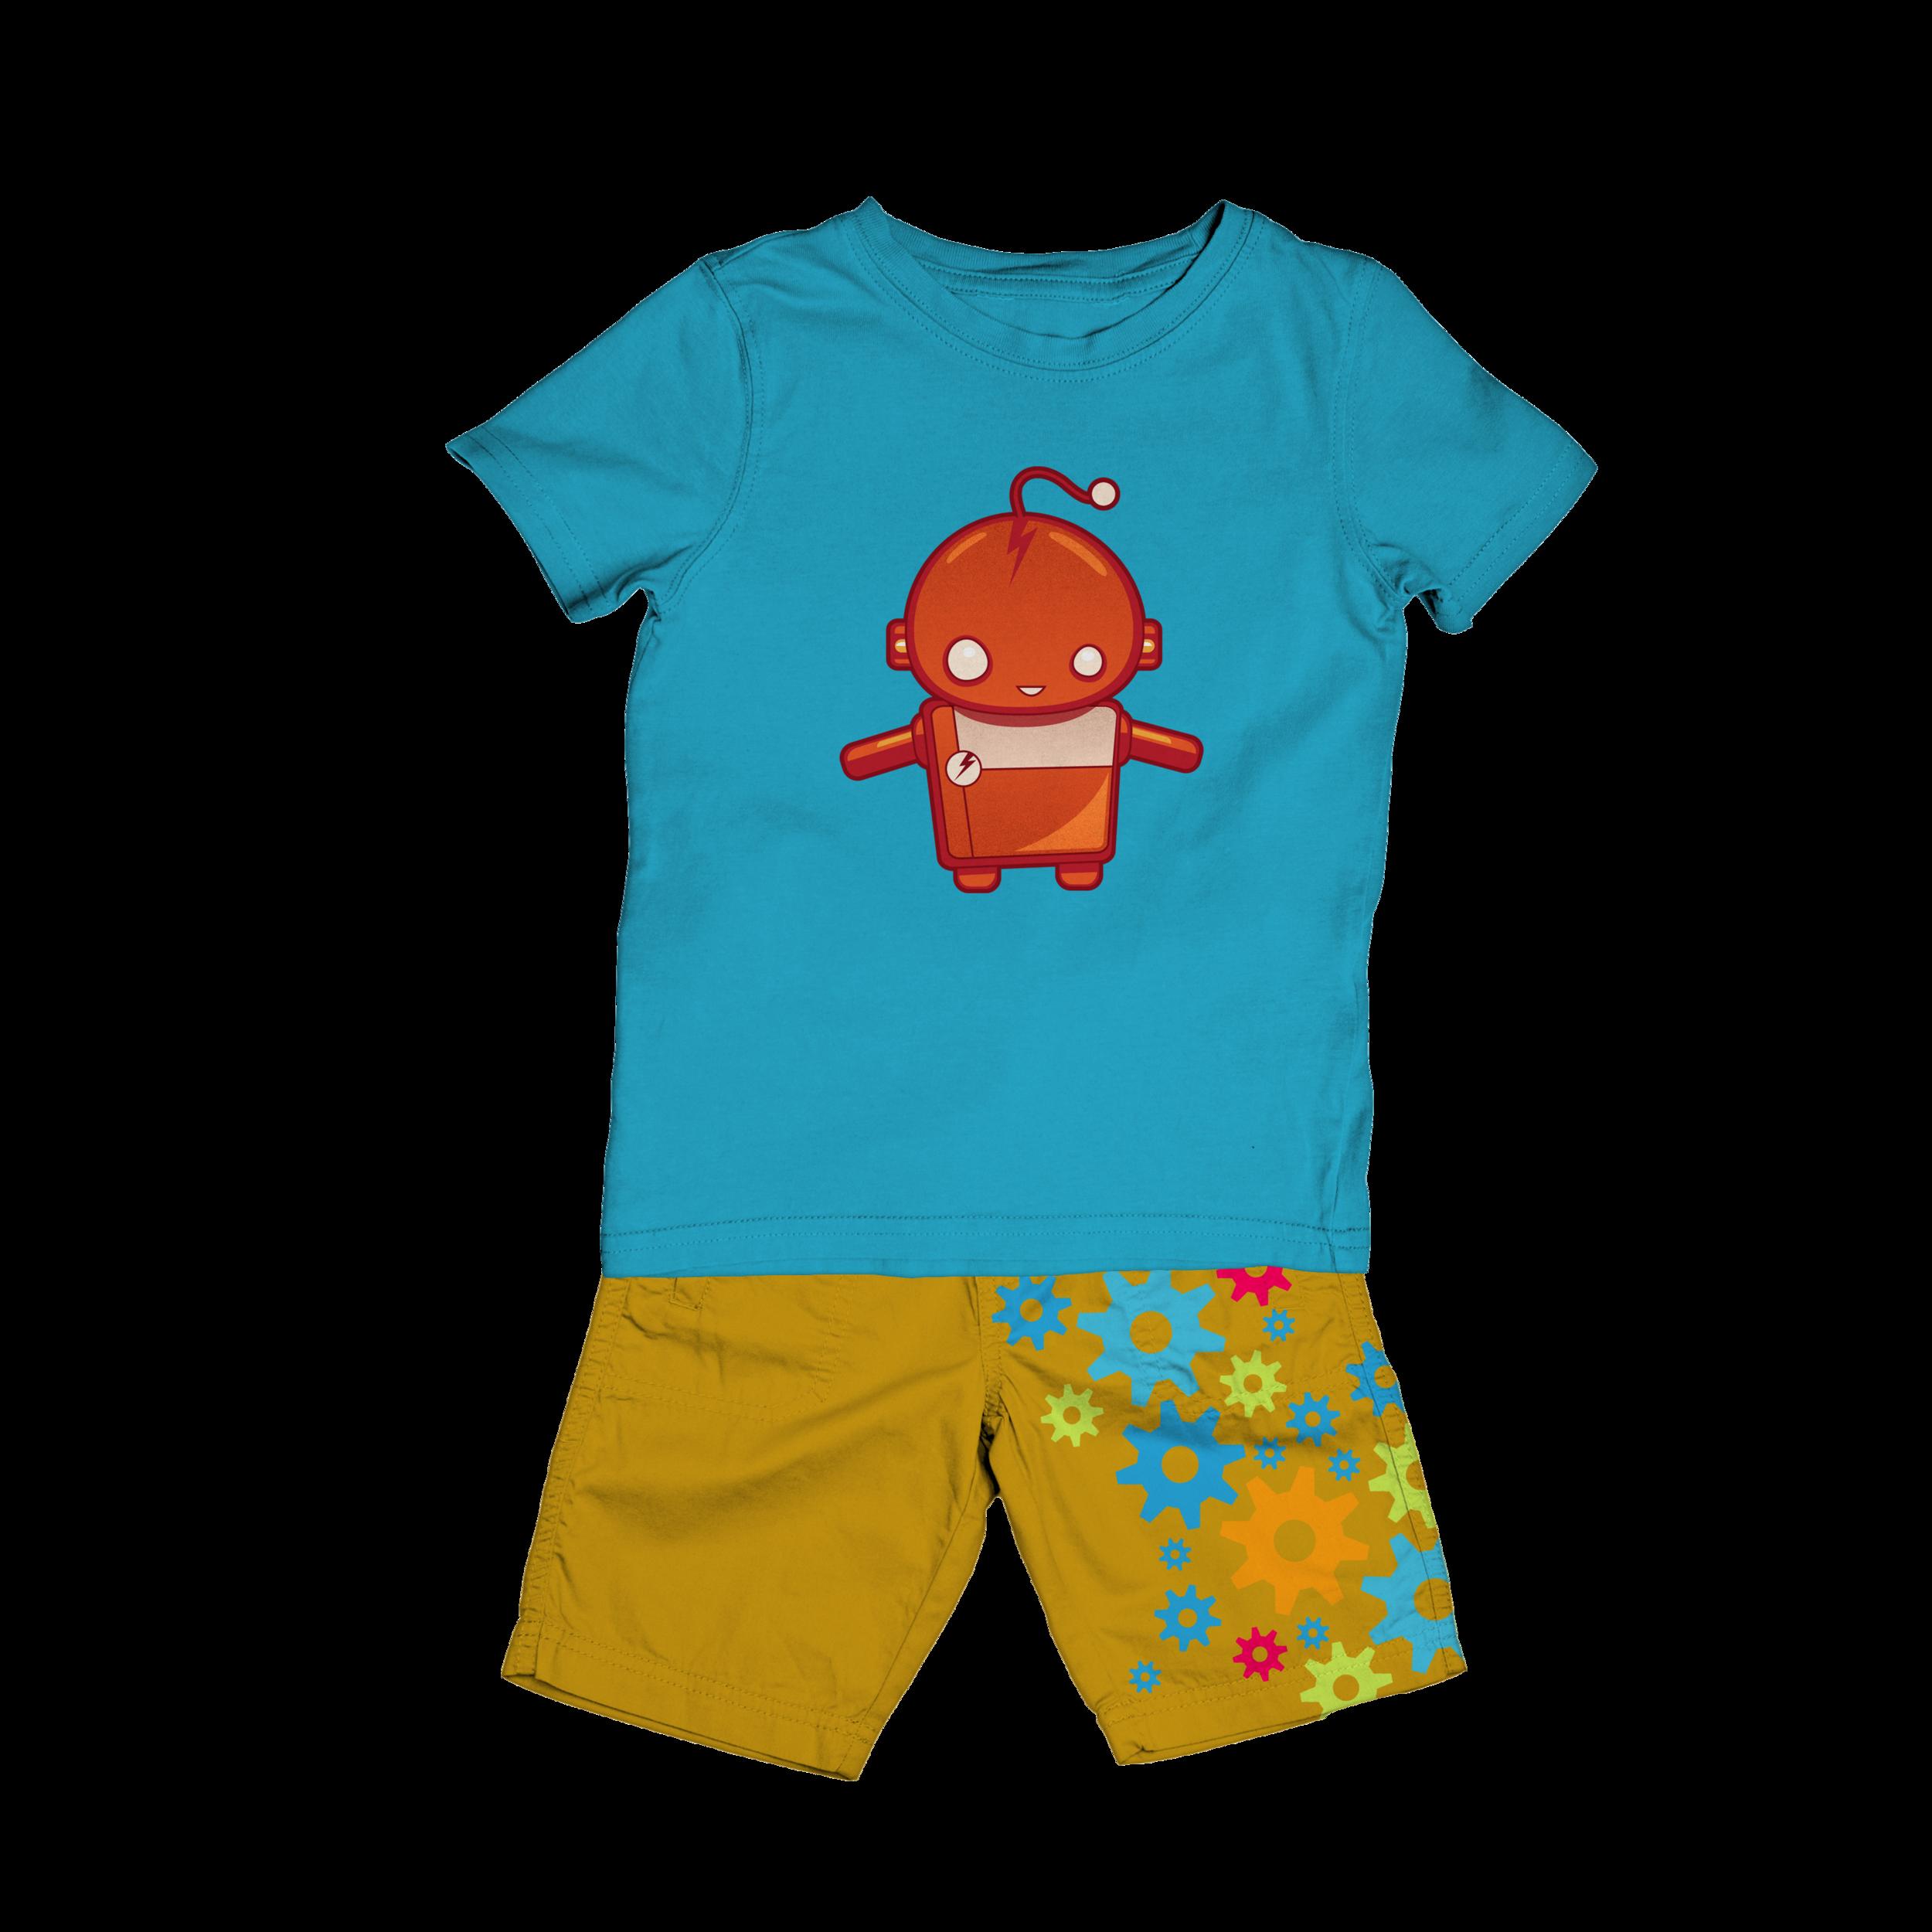 shirt-shorts.png